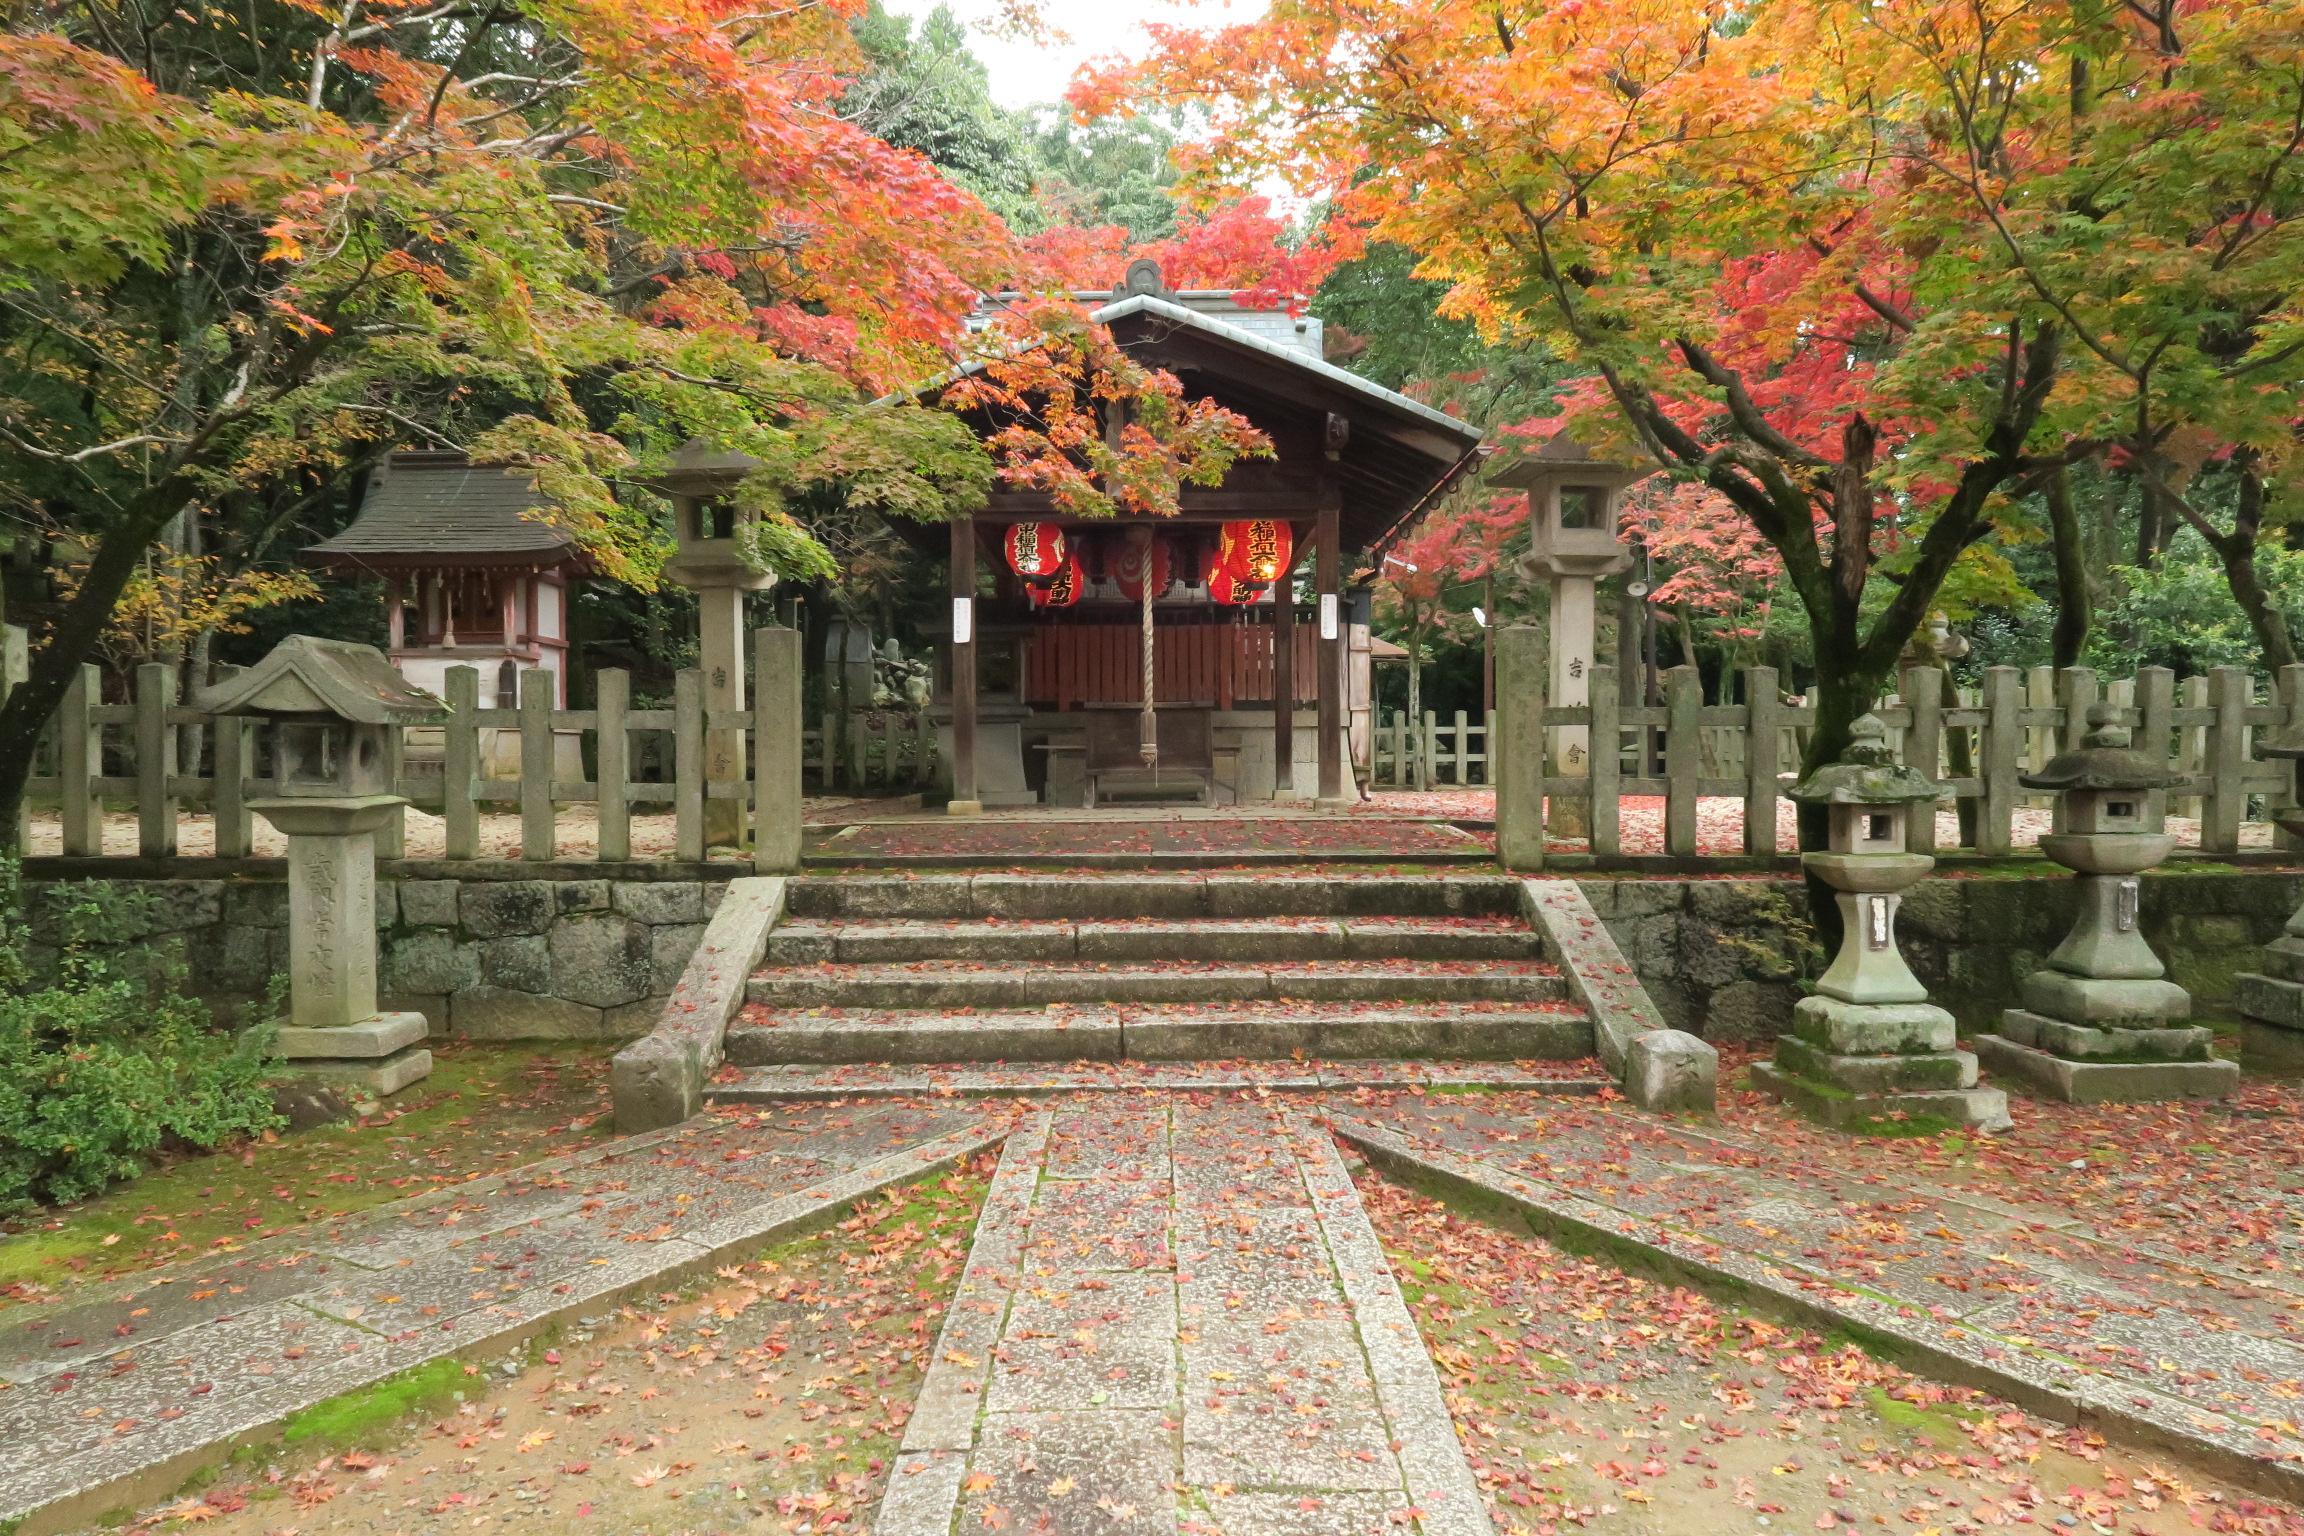 竹中稲荷神社に到着。